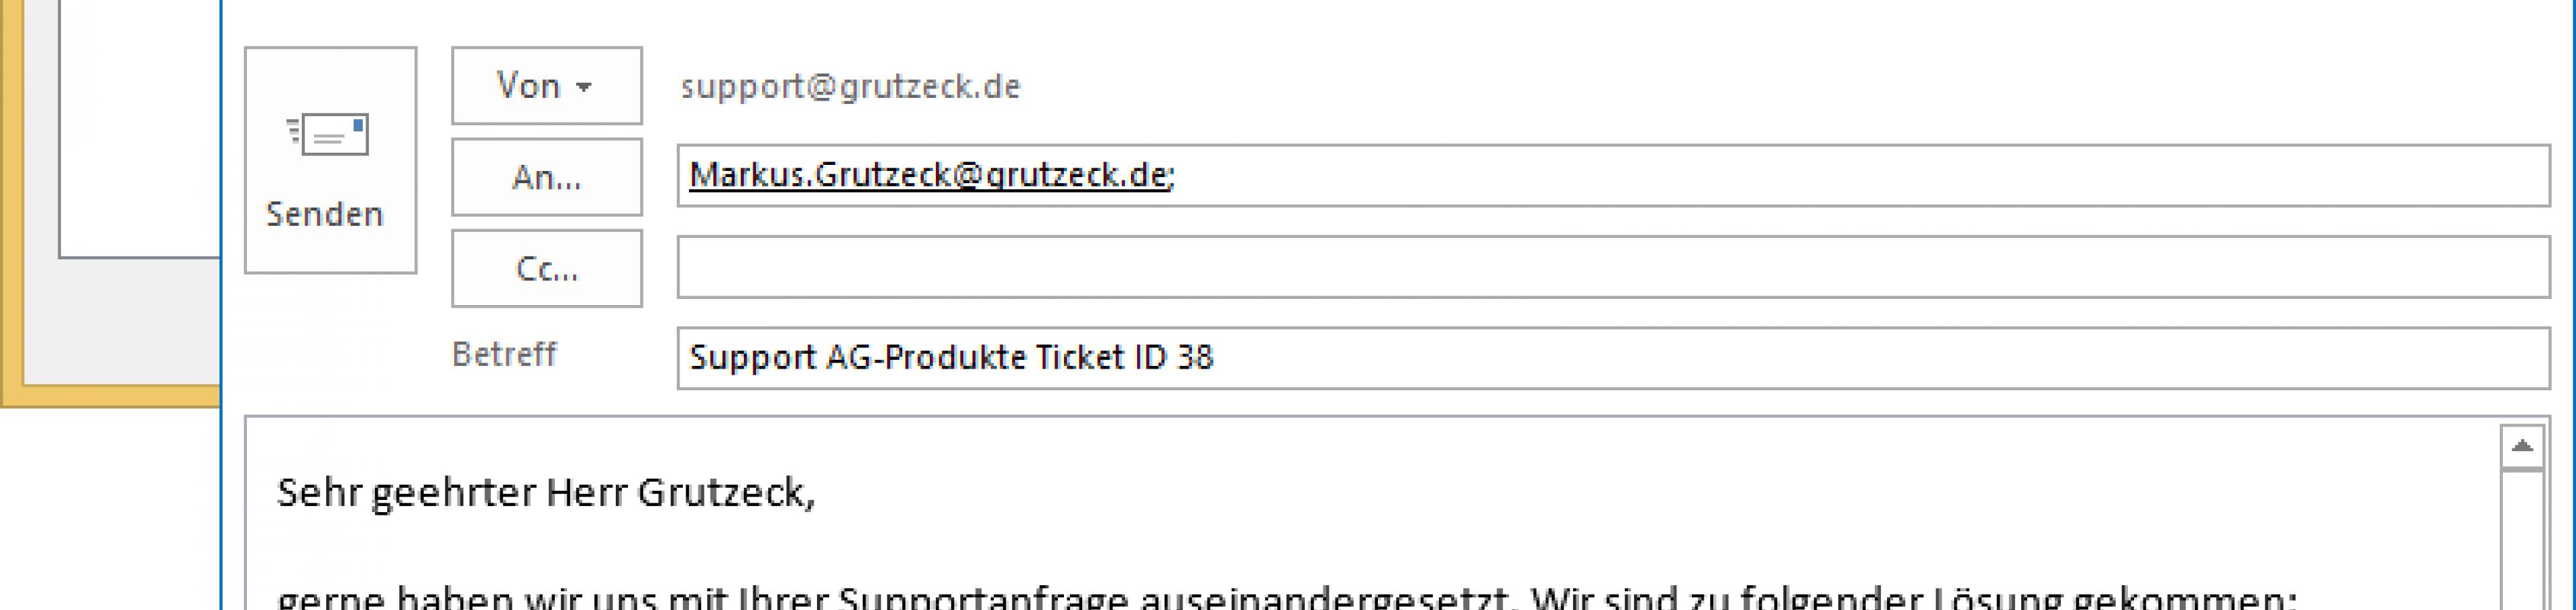 HelpDesk Software AG-VIP SQL: Einstufung nach Bearbeitung und auslösen automatischer Folgeaktivitäten, z.B. Email ...